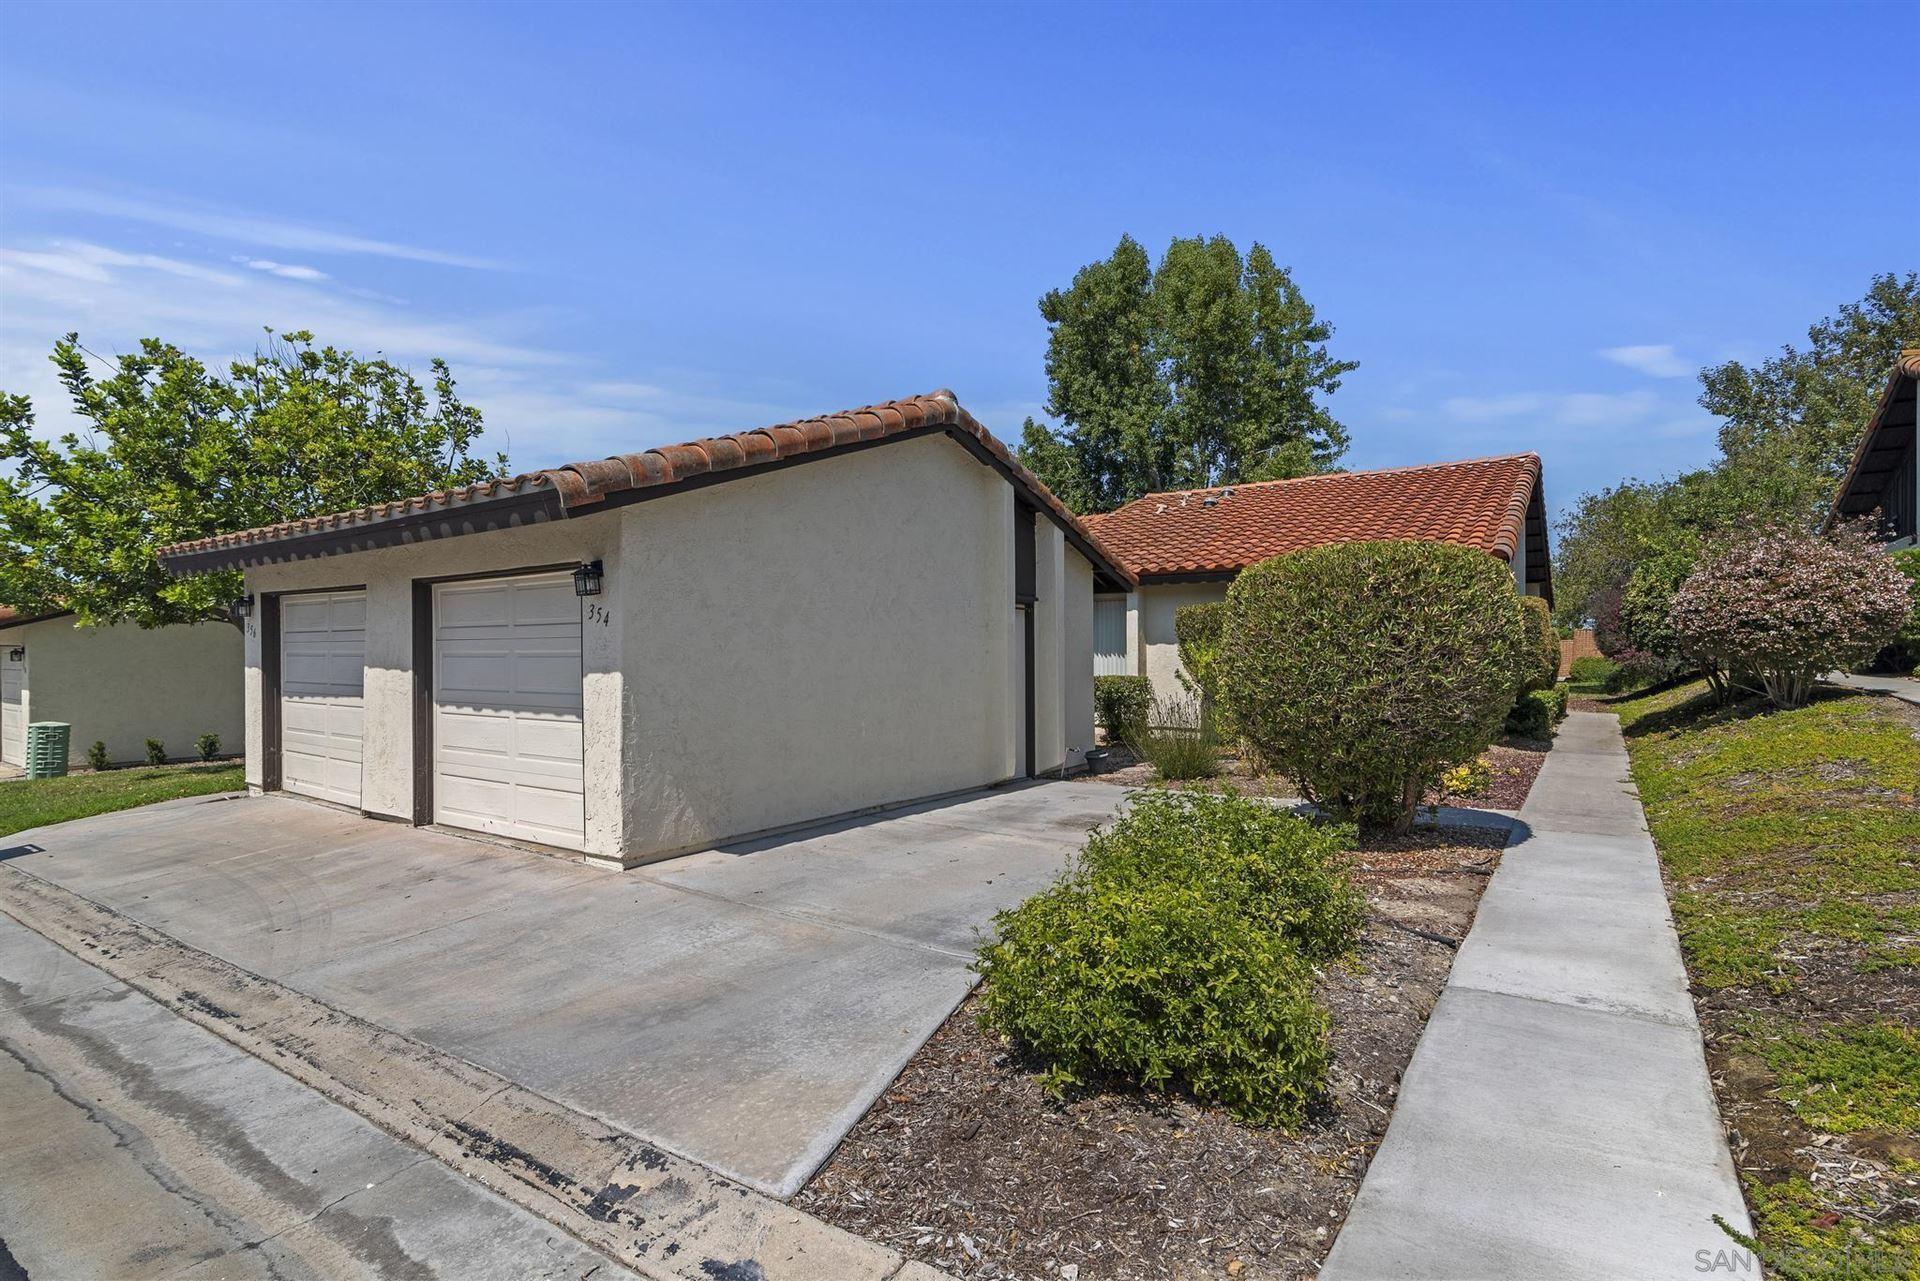 Photo of 354 Abington Rd, Encinitas, CA 92024 (MLS # 210026258)